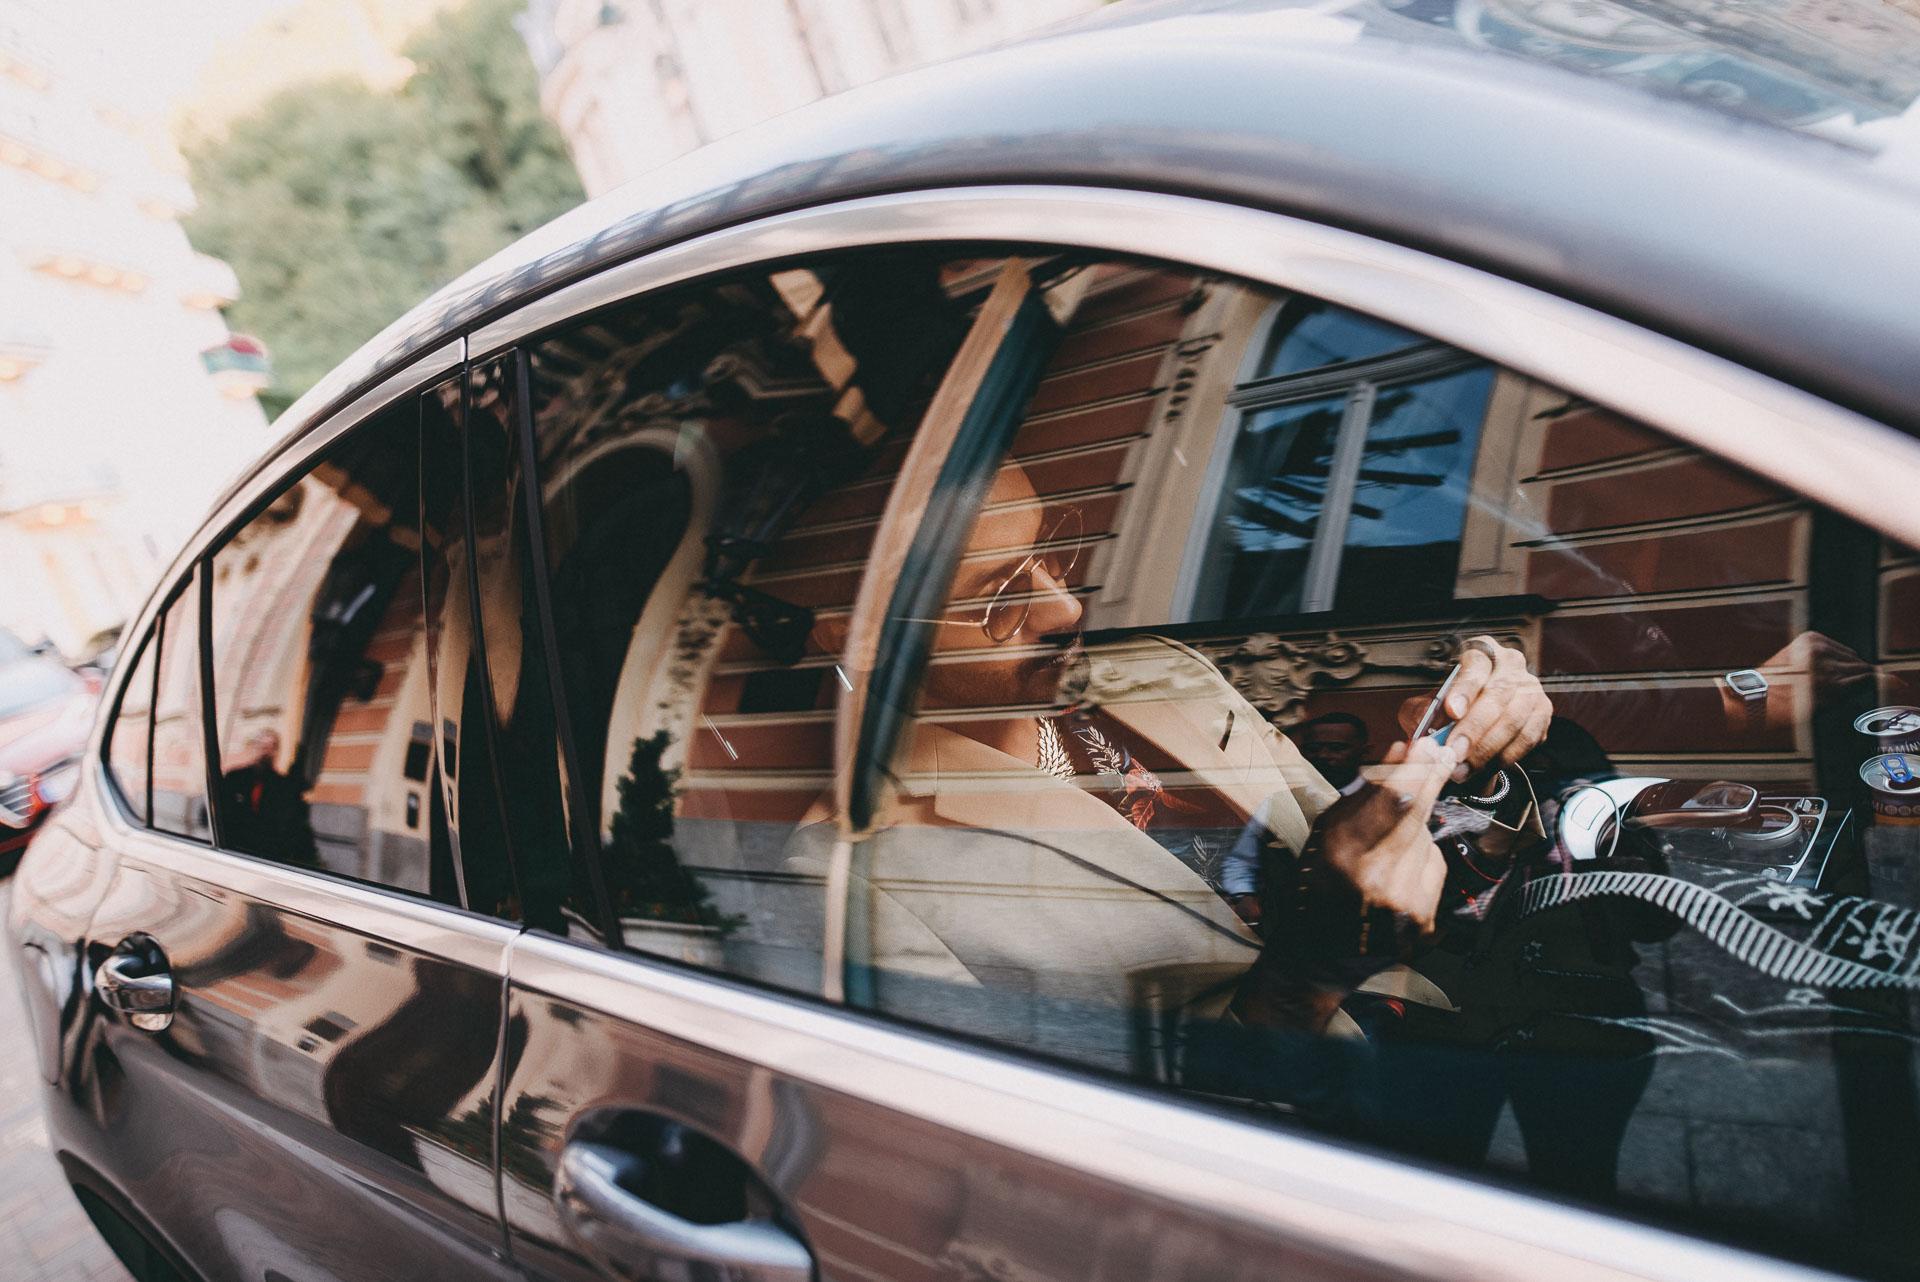 Yemi ve svém Mercedes-Benz GLC při cestě na Mezinárodní filmový festival Karlovy Vary